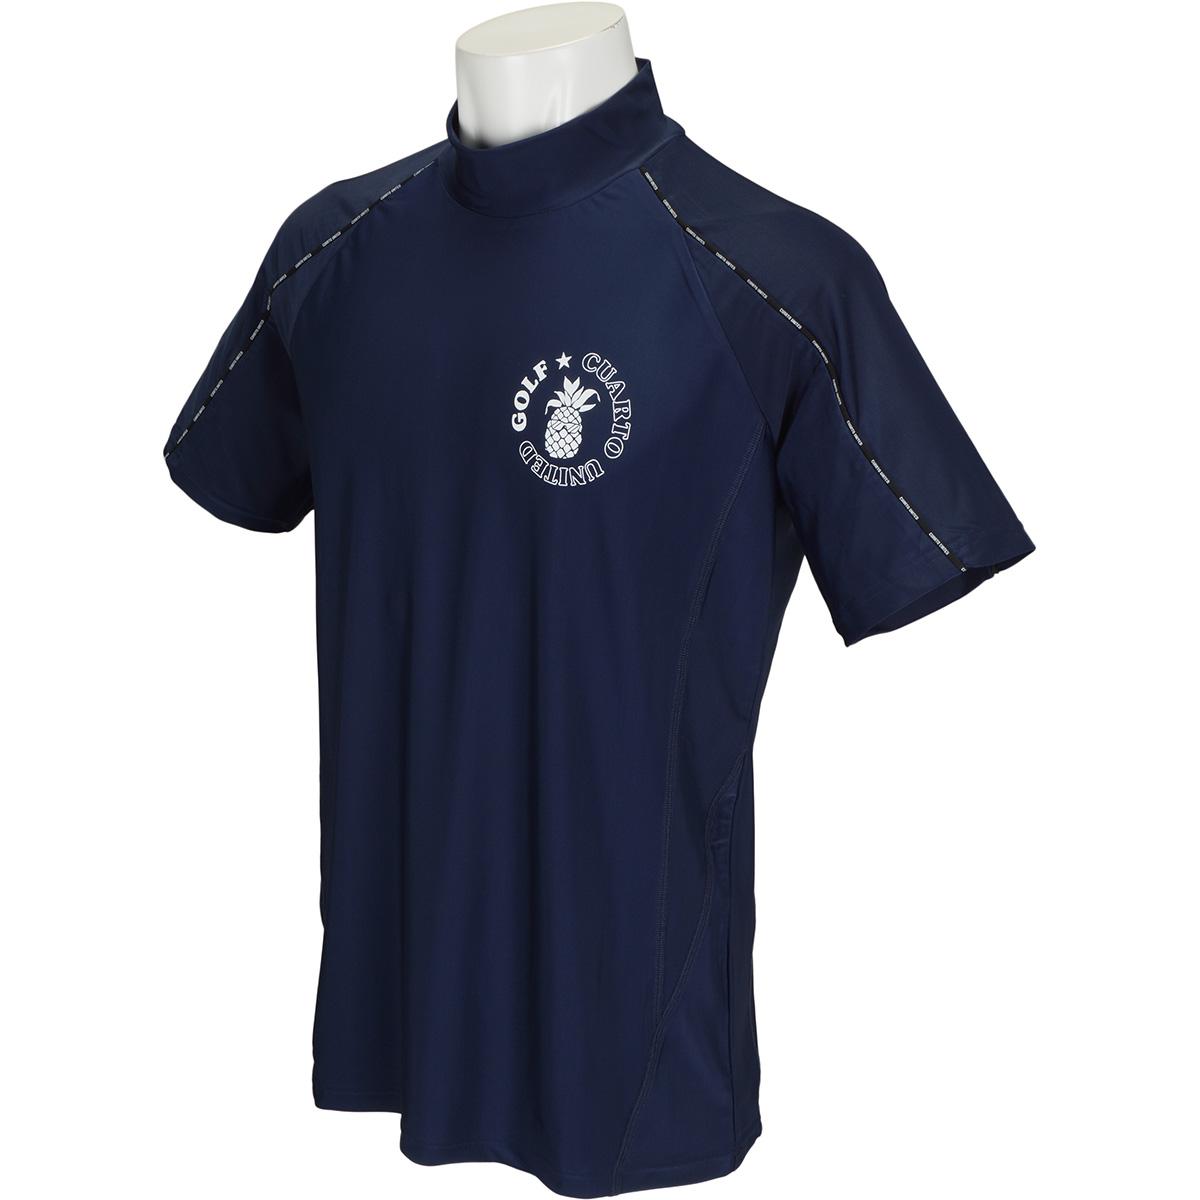 ロゴパイピング 半袖インナーシャツ